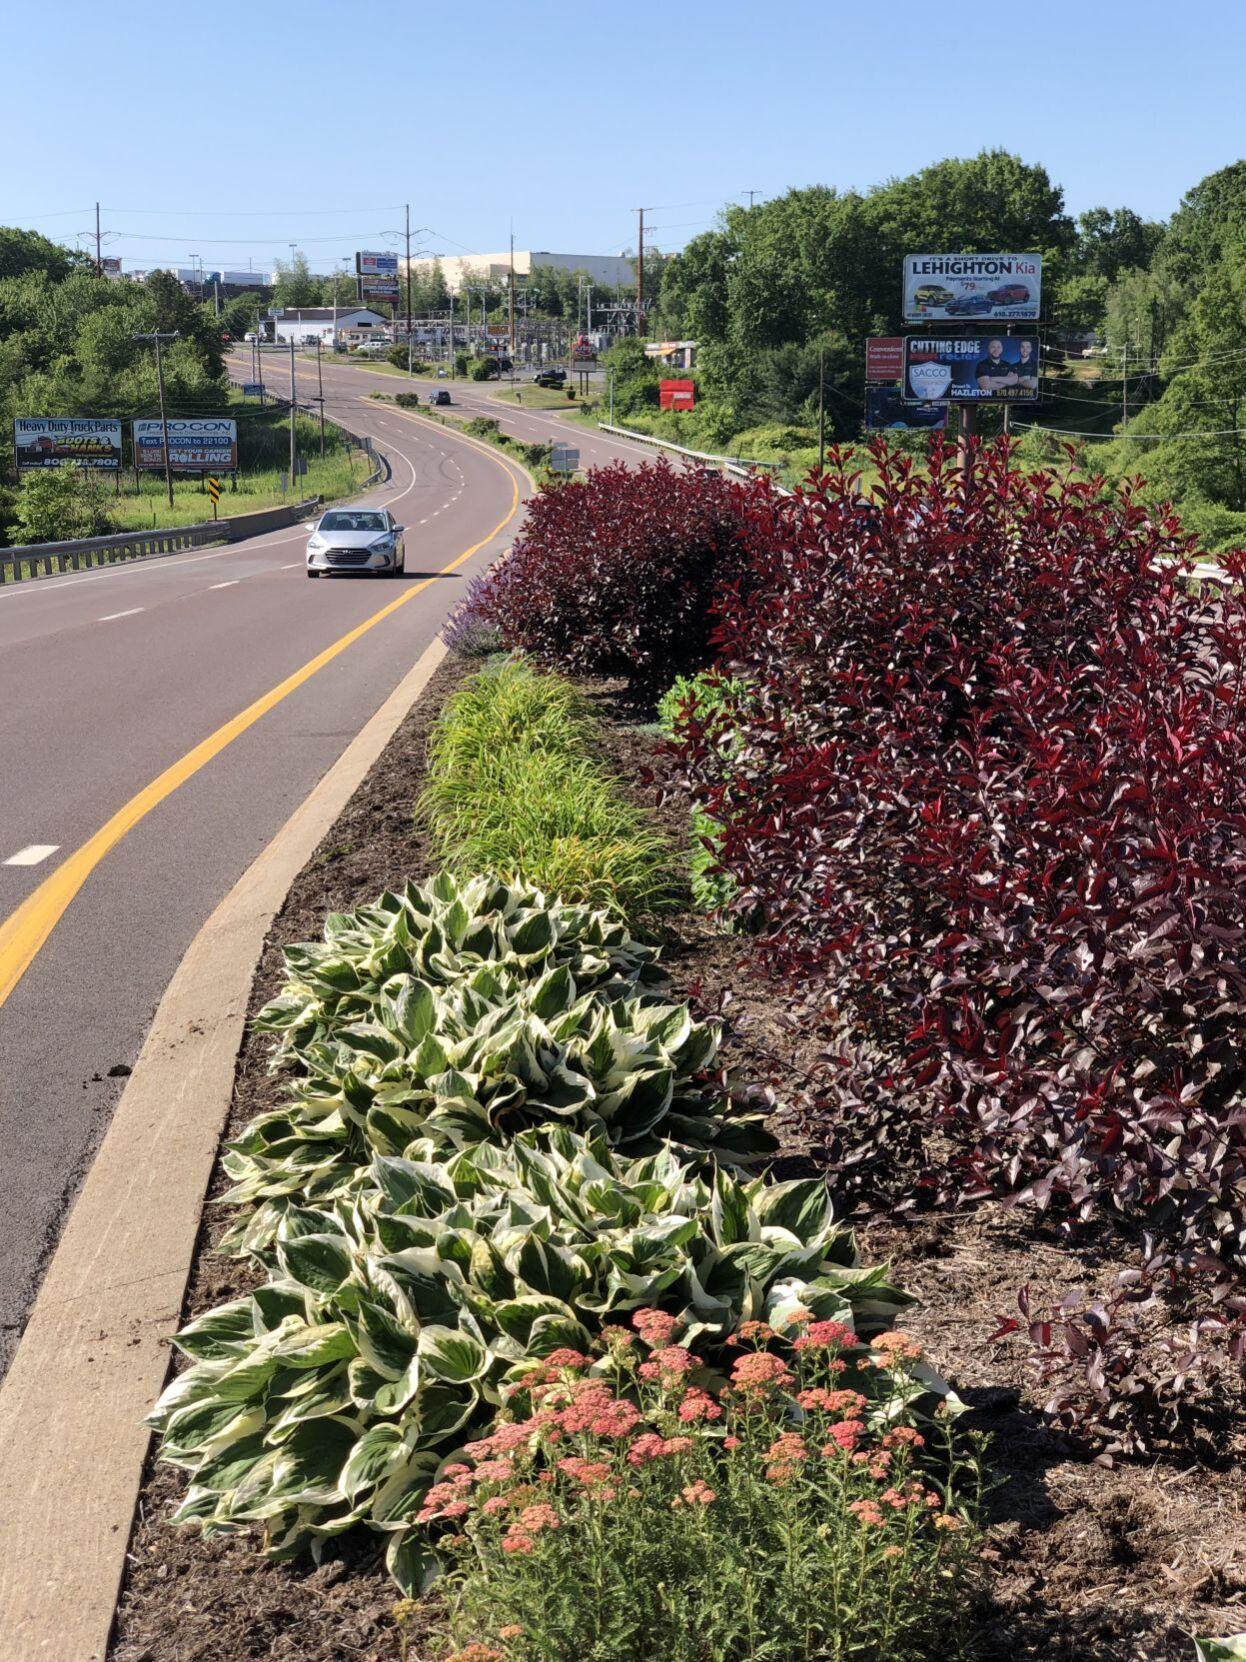 Car passes highway garden